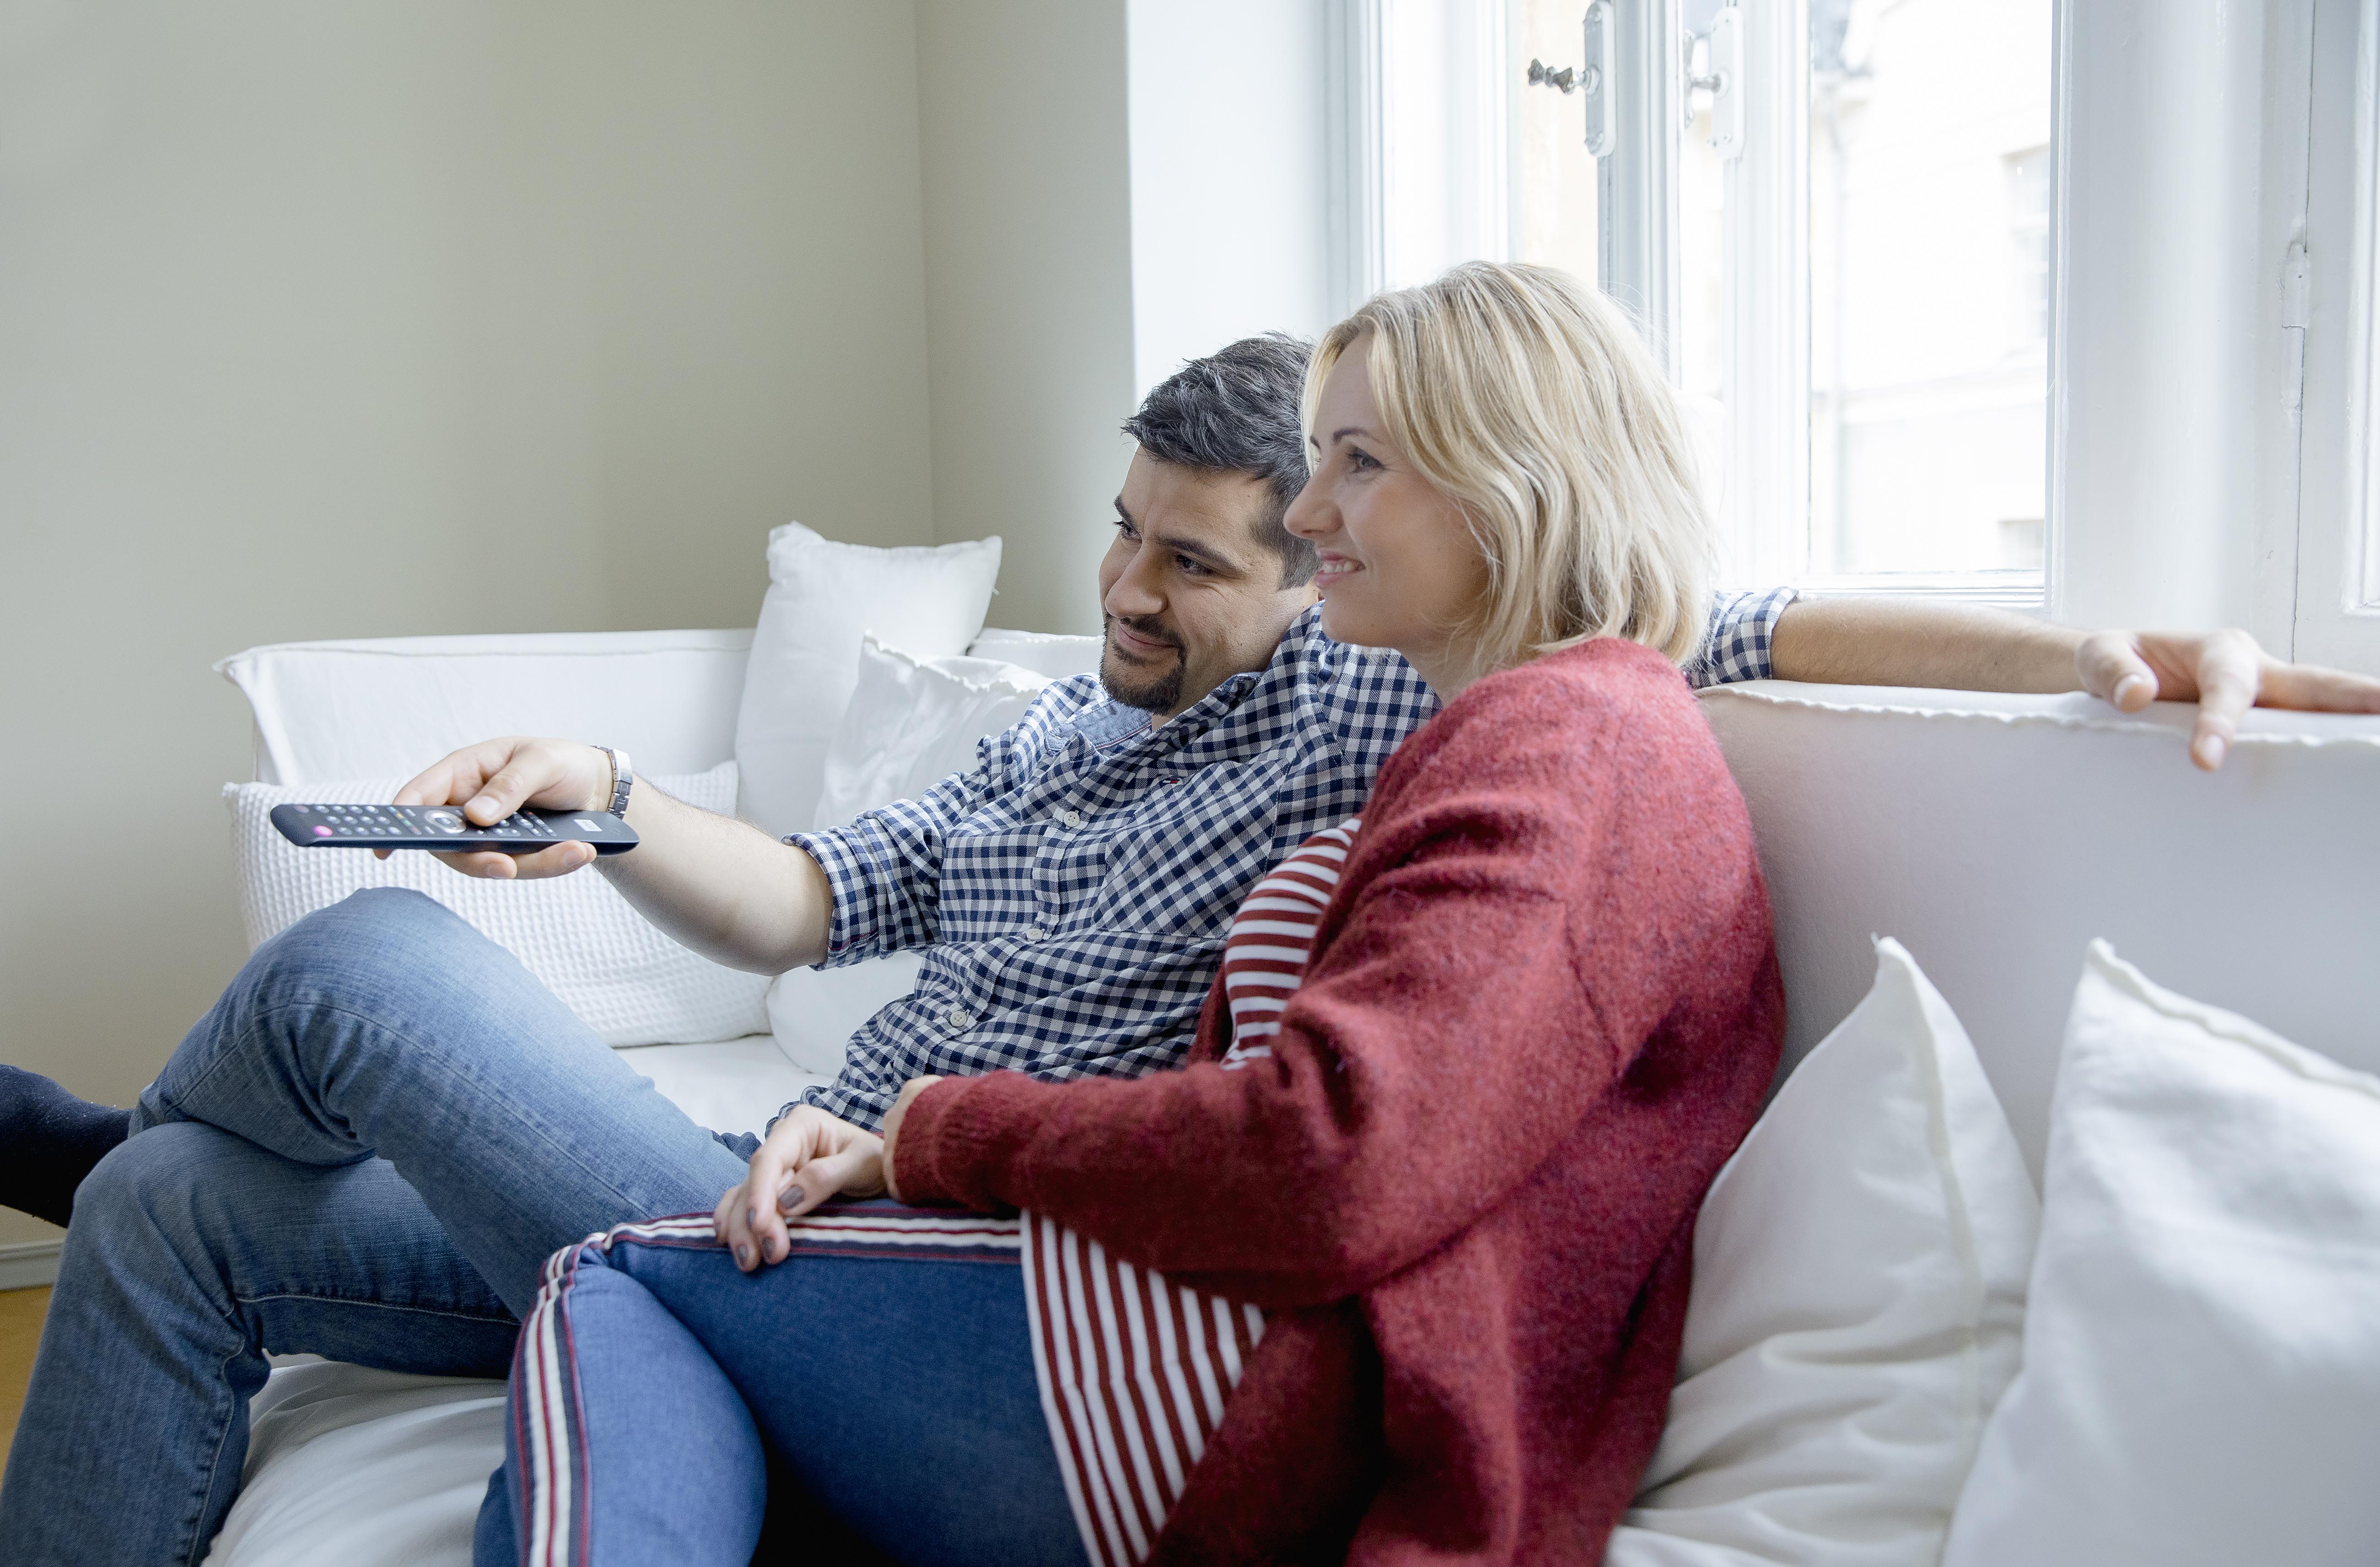 Nopeus dating markkinoiden koko